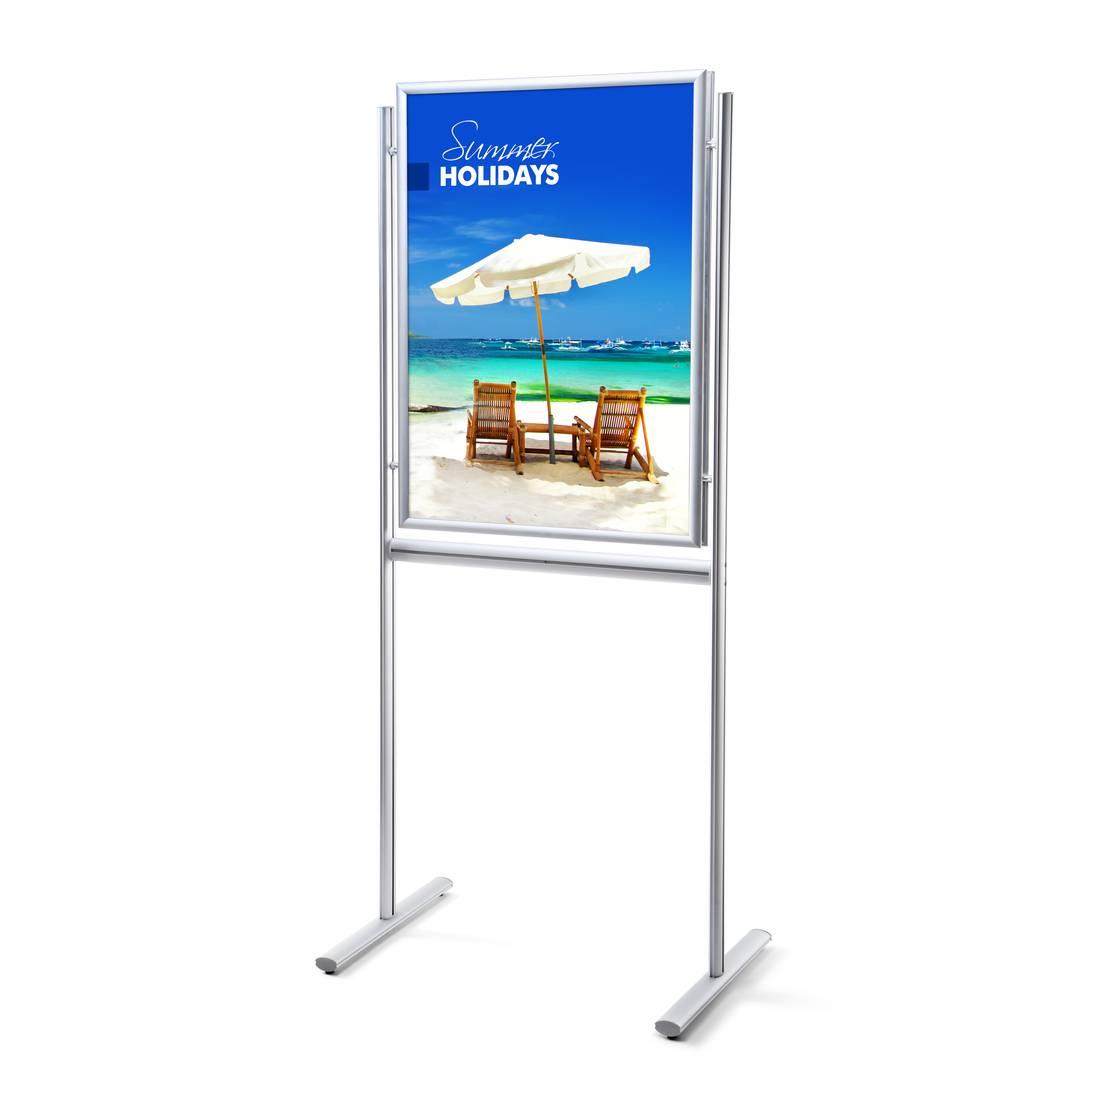 Modish Dwustronny stojak informacyjny na plakaty i broszury (format 70 x SX73